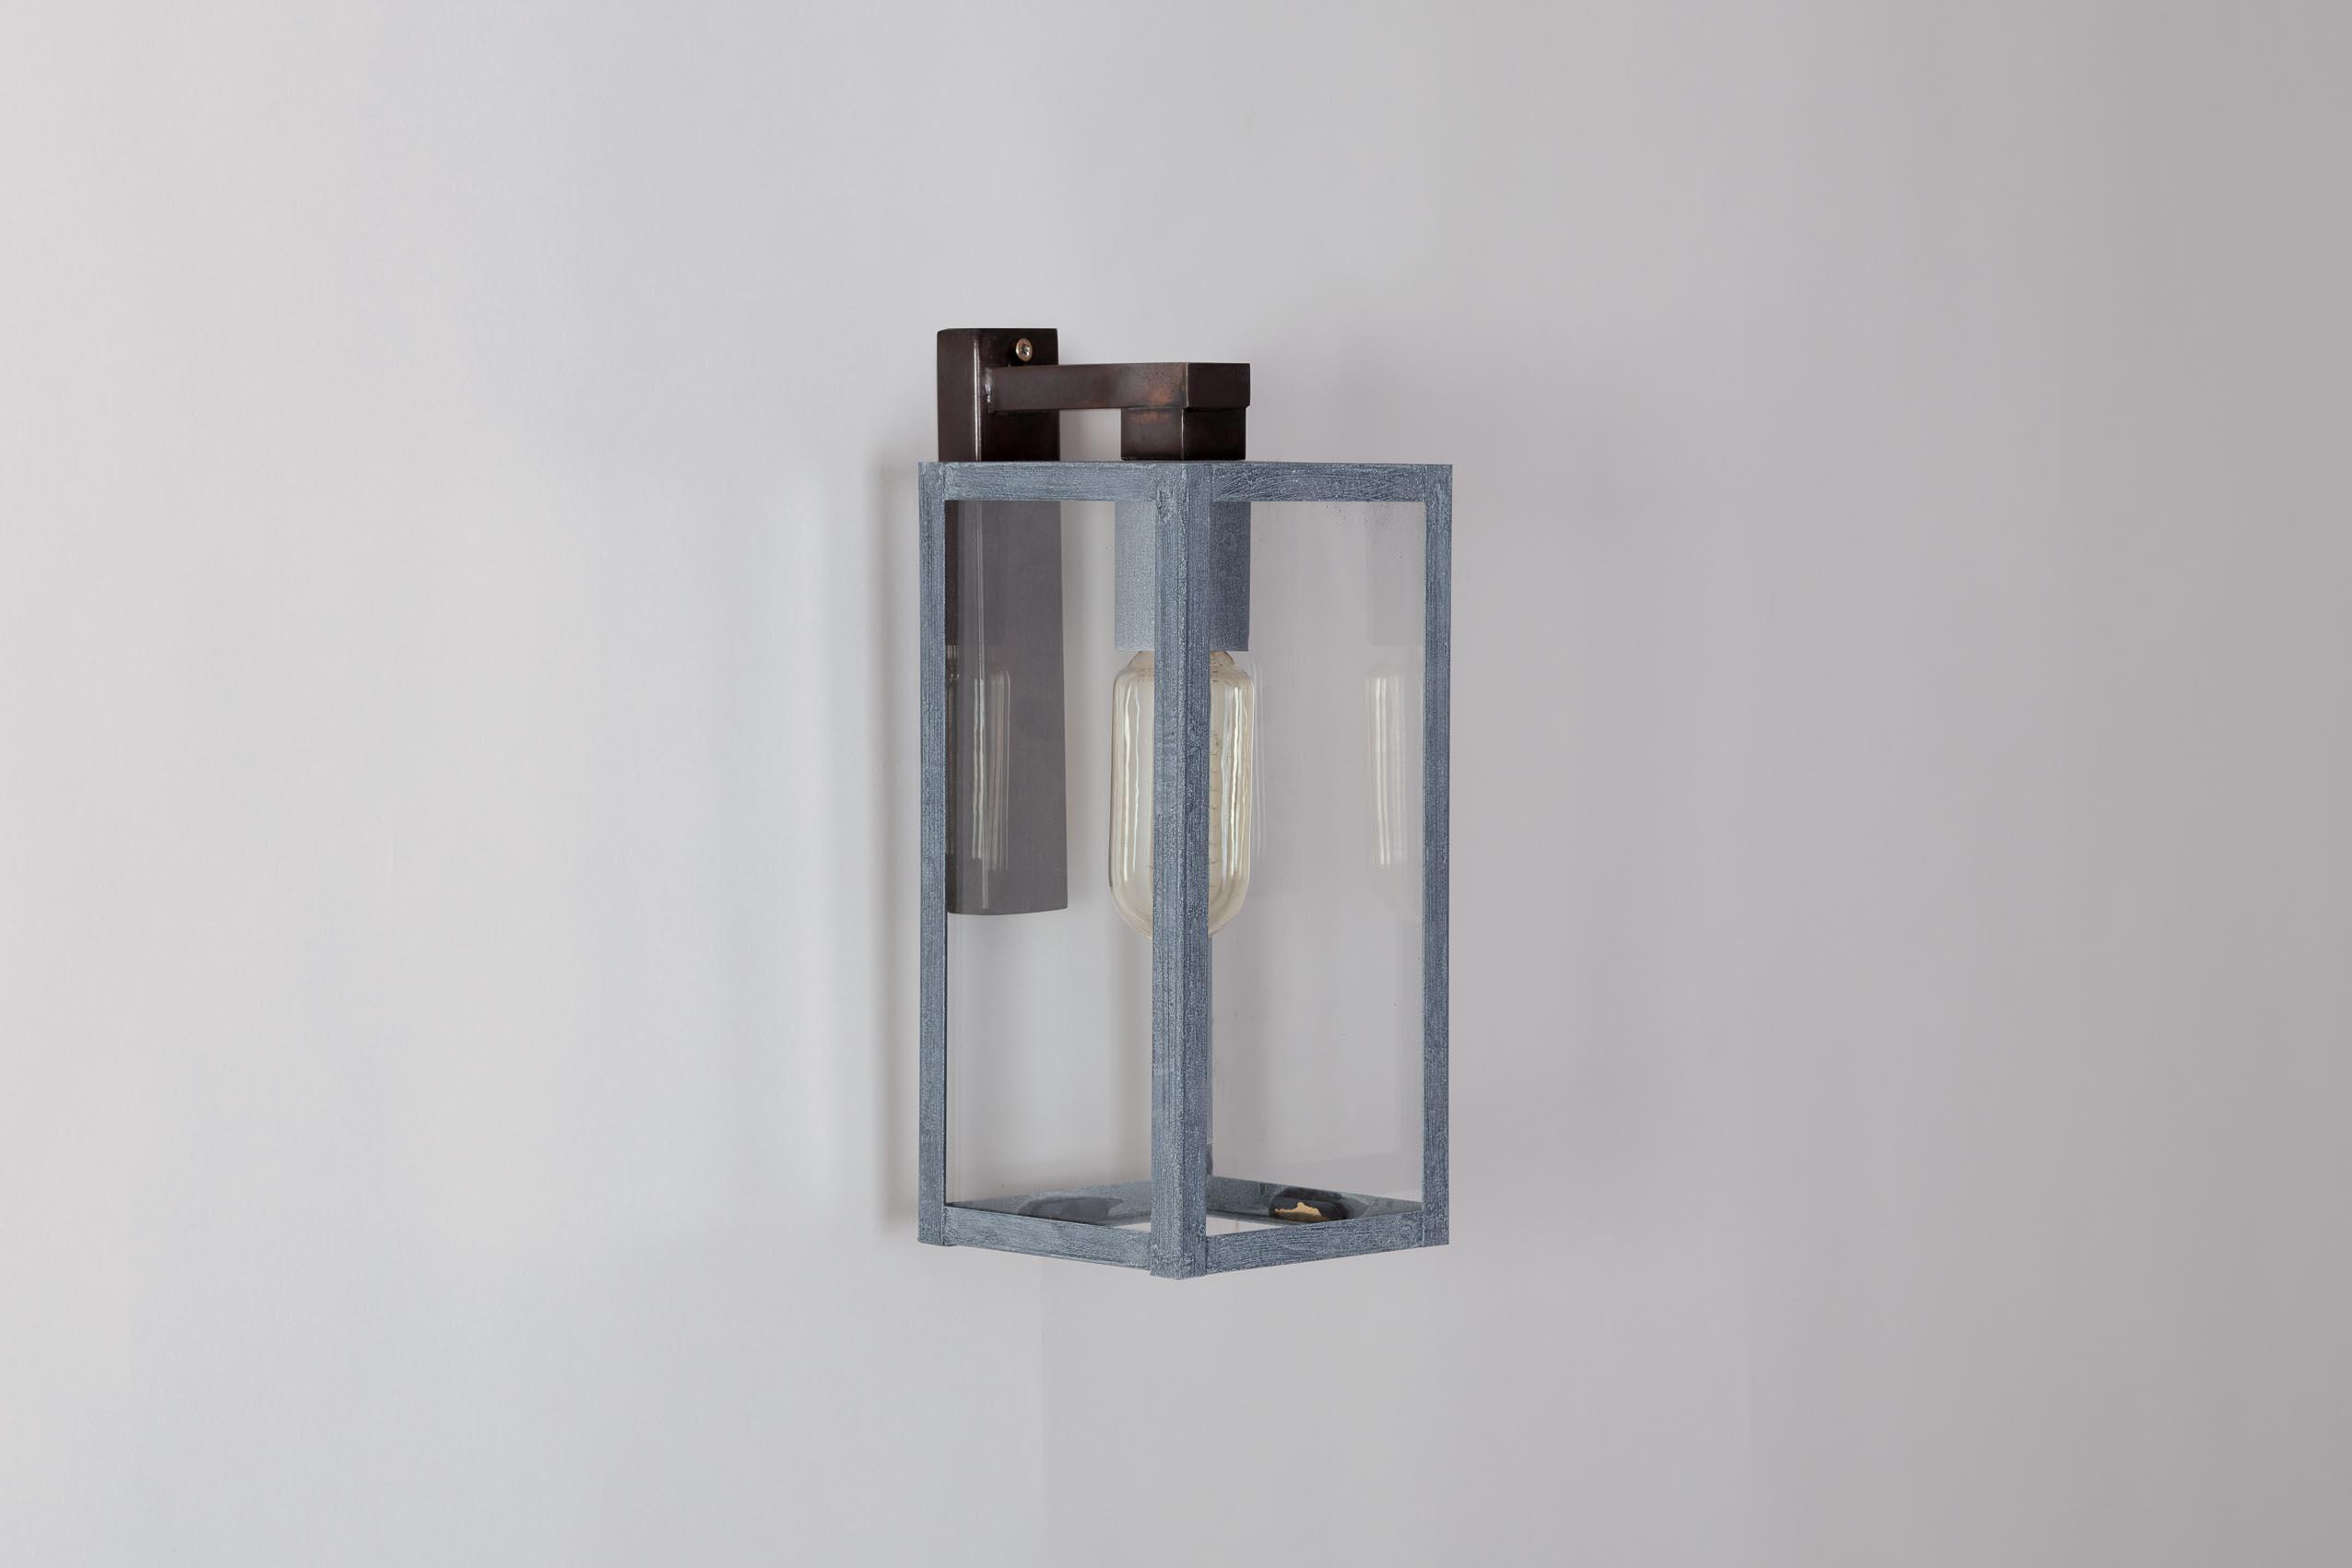 Bellecour applique mm 2166 lum 39 art for Applique exterieur zinc